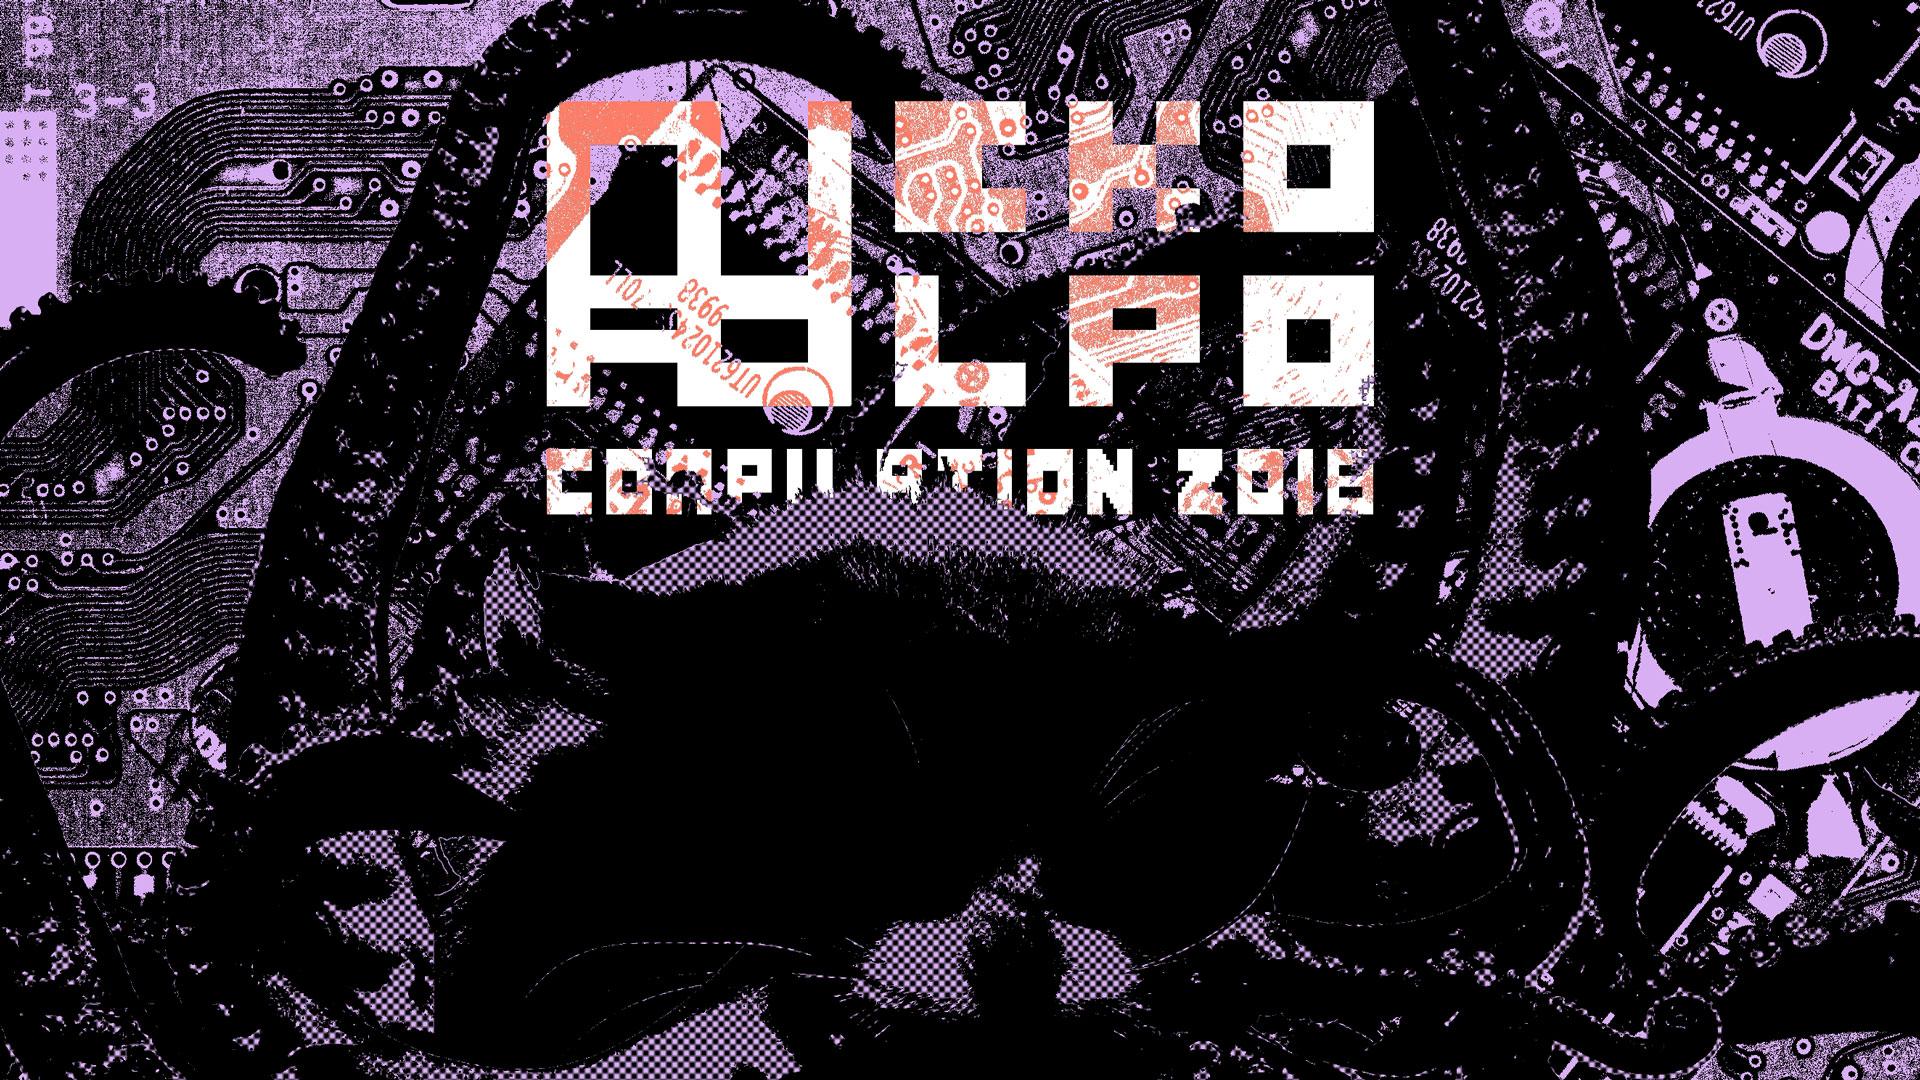 Copertina della Nekopolpo Compilation 2018